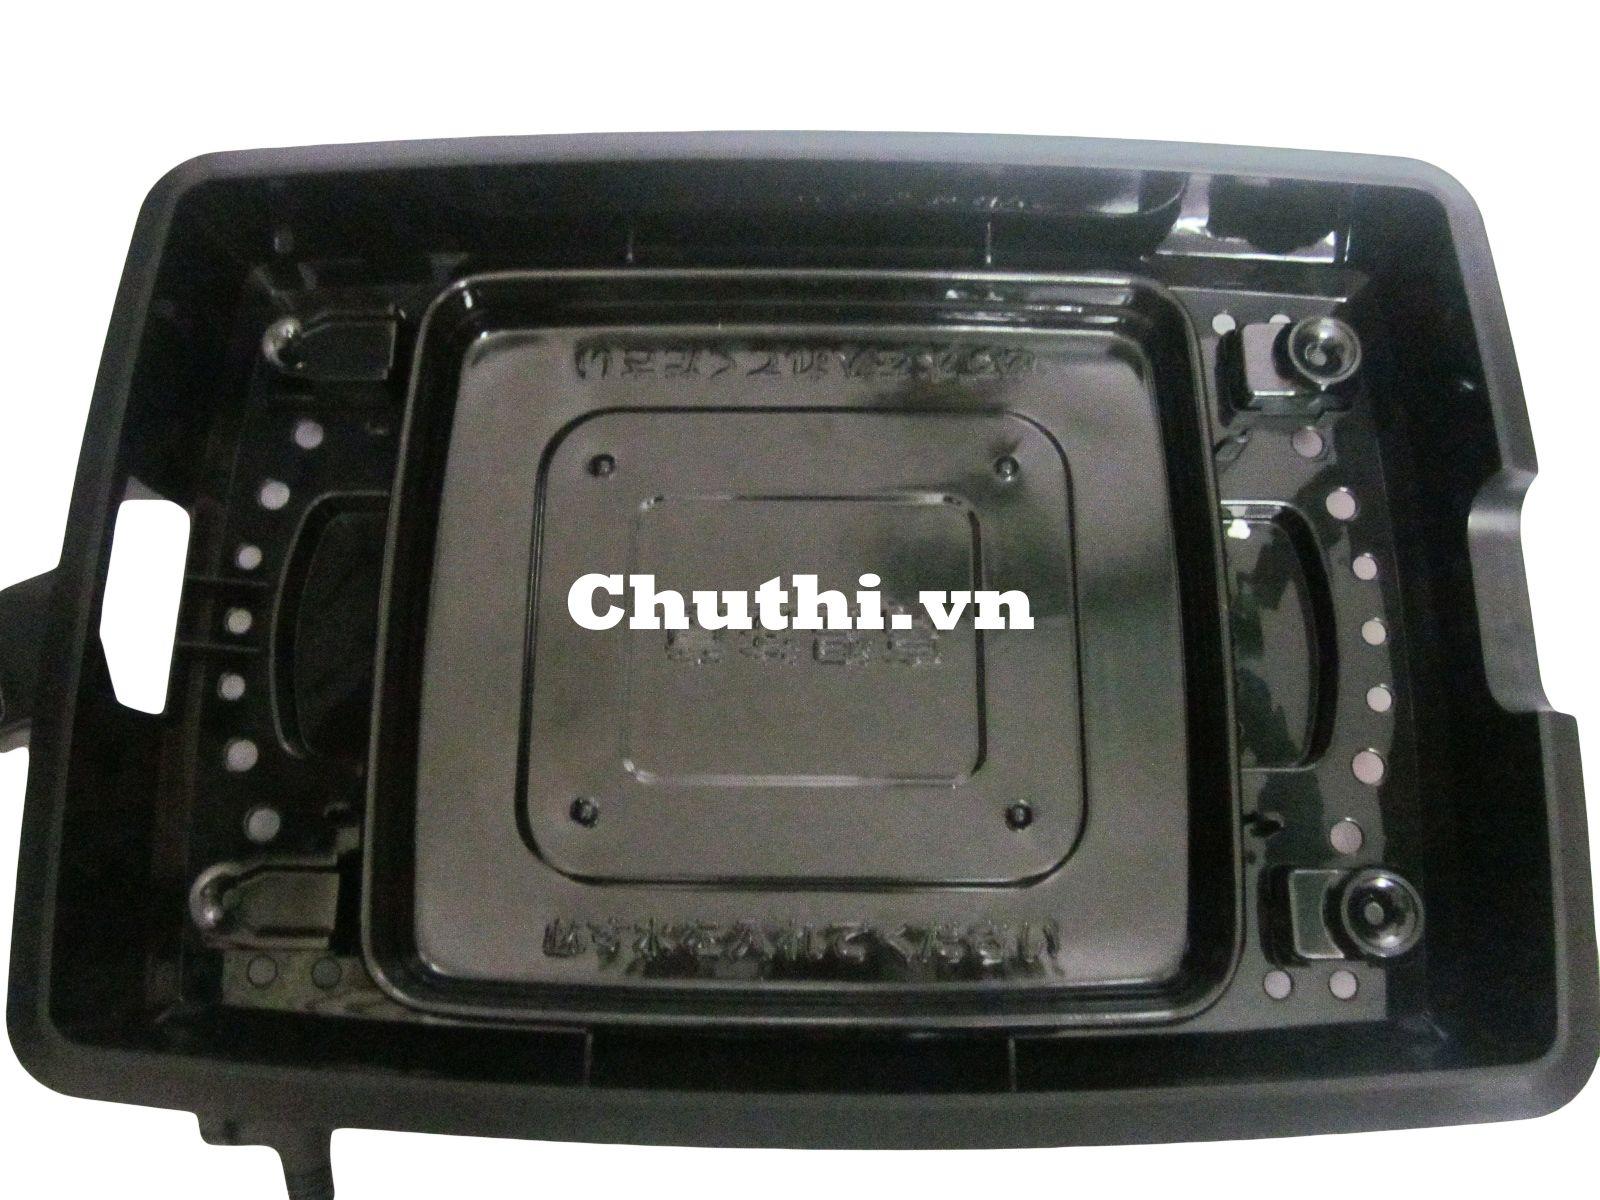 sản xuất theo dây chuyền công nghệ hiện đại của Hàn Quốc, tiện lợi khi sử dụng